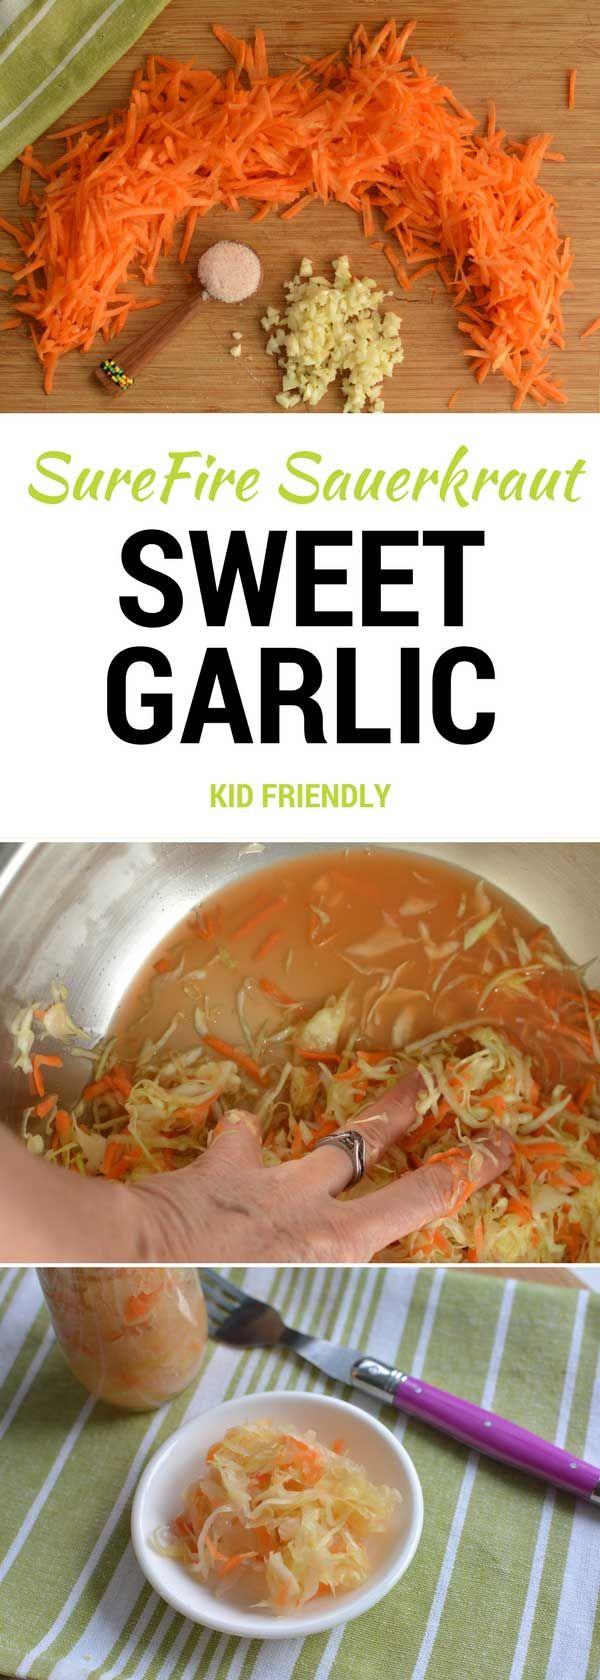 Sweet garlic sauerkraut recipe kid friendly receta forumfinder Choice Image